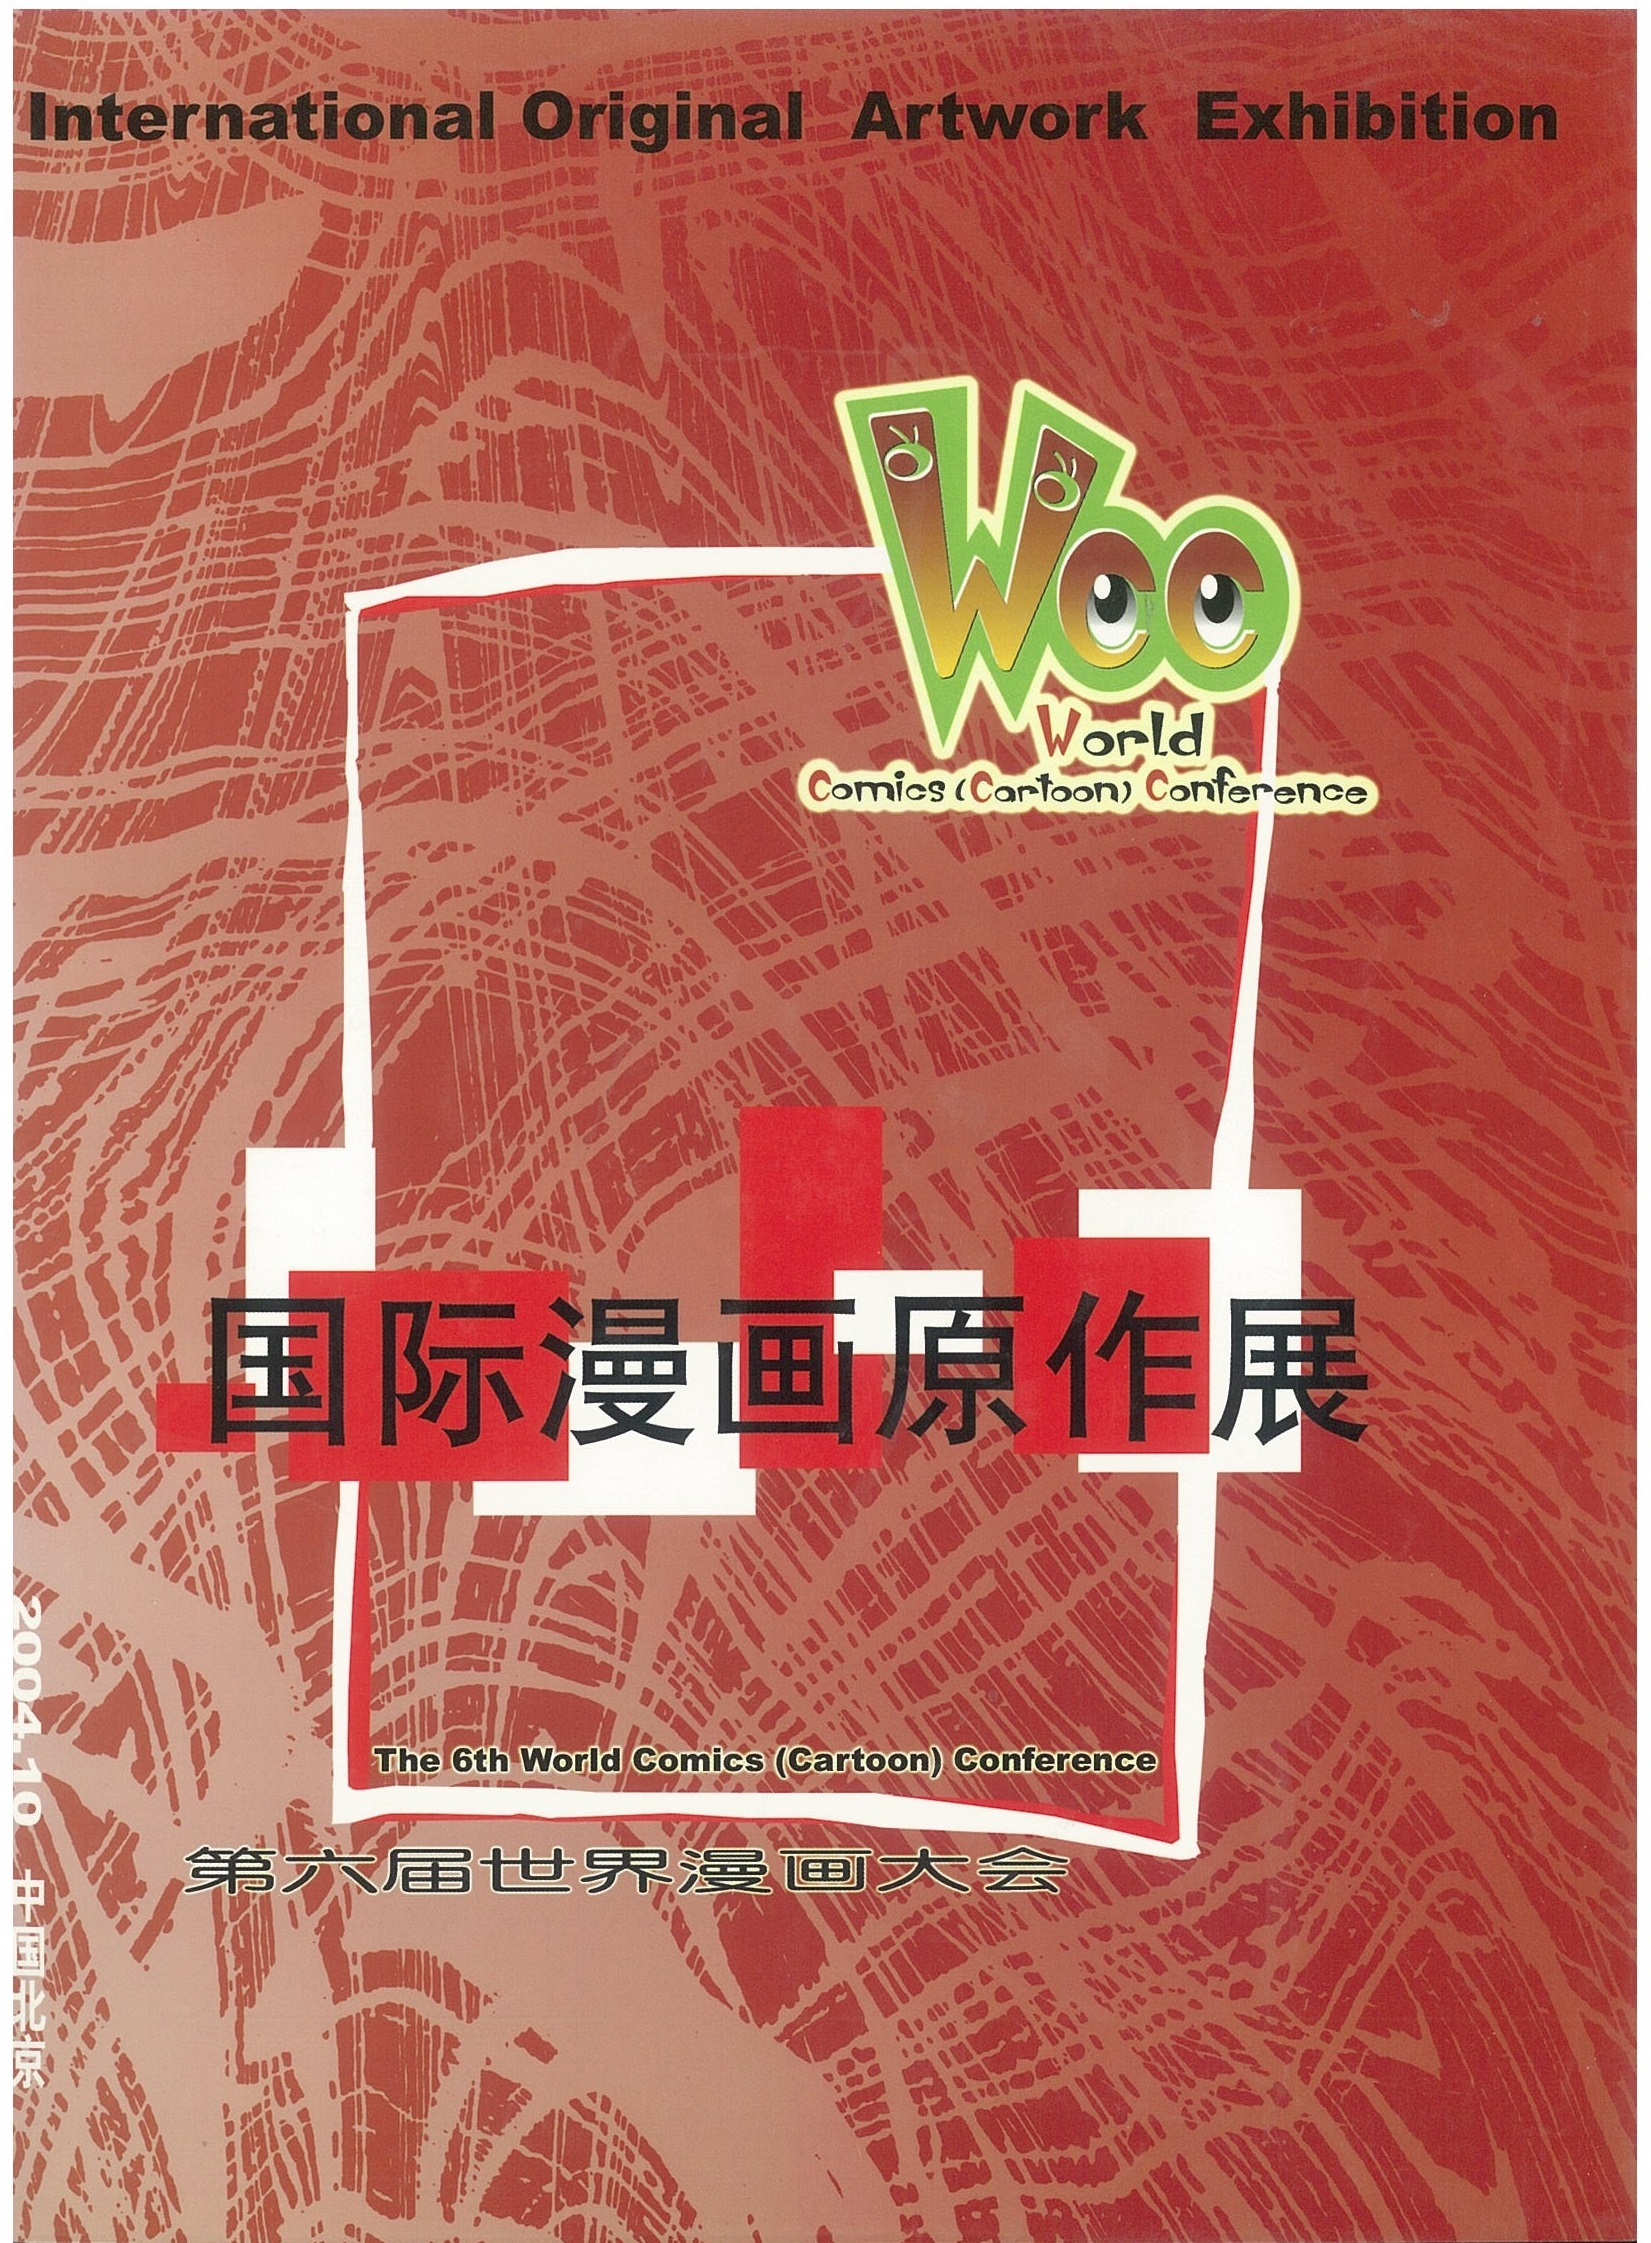 국제만화가대회 도록2004.jpg